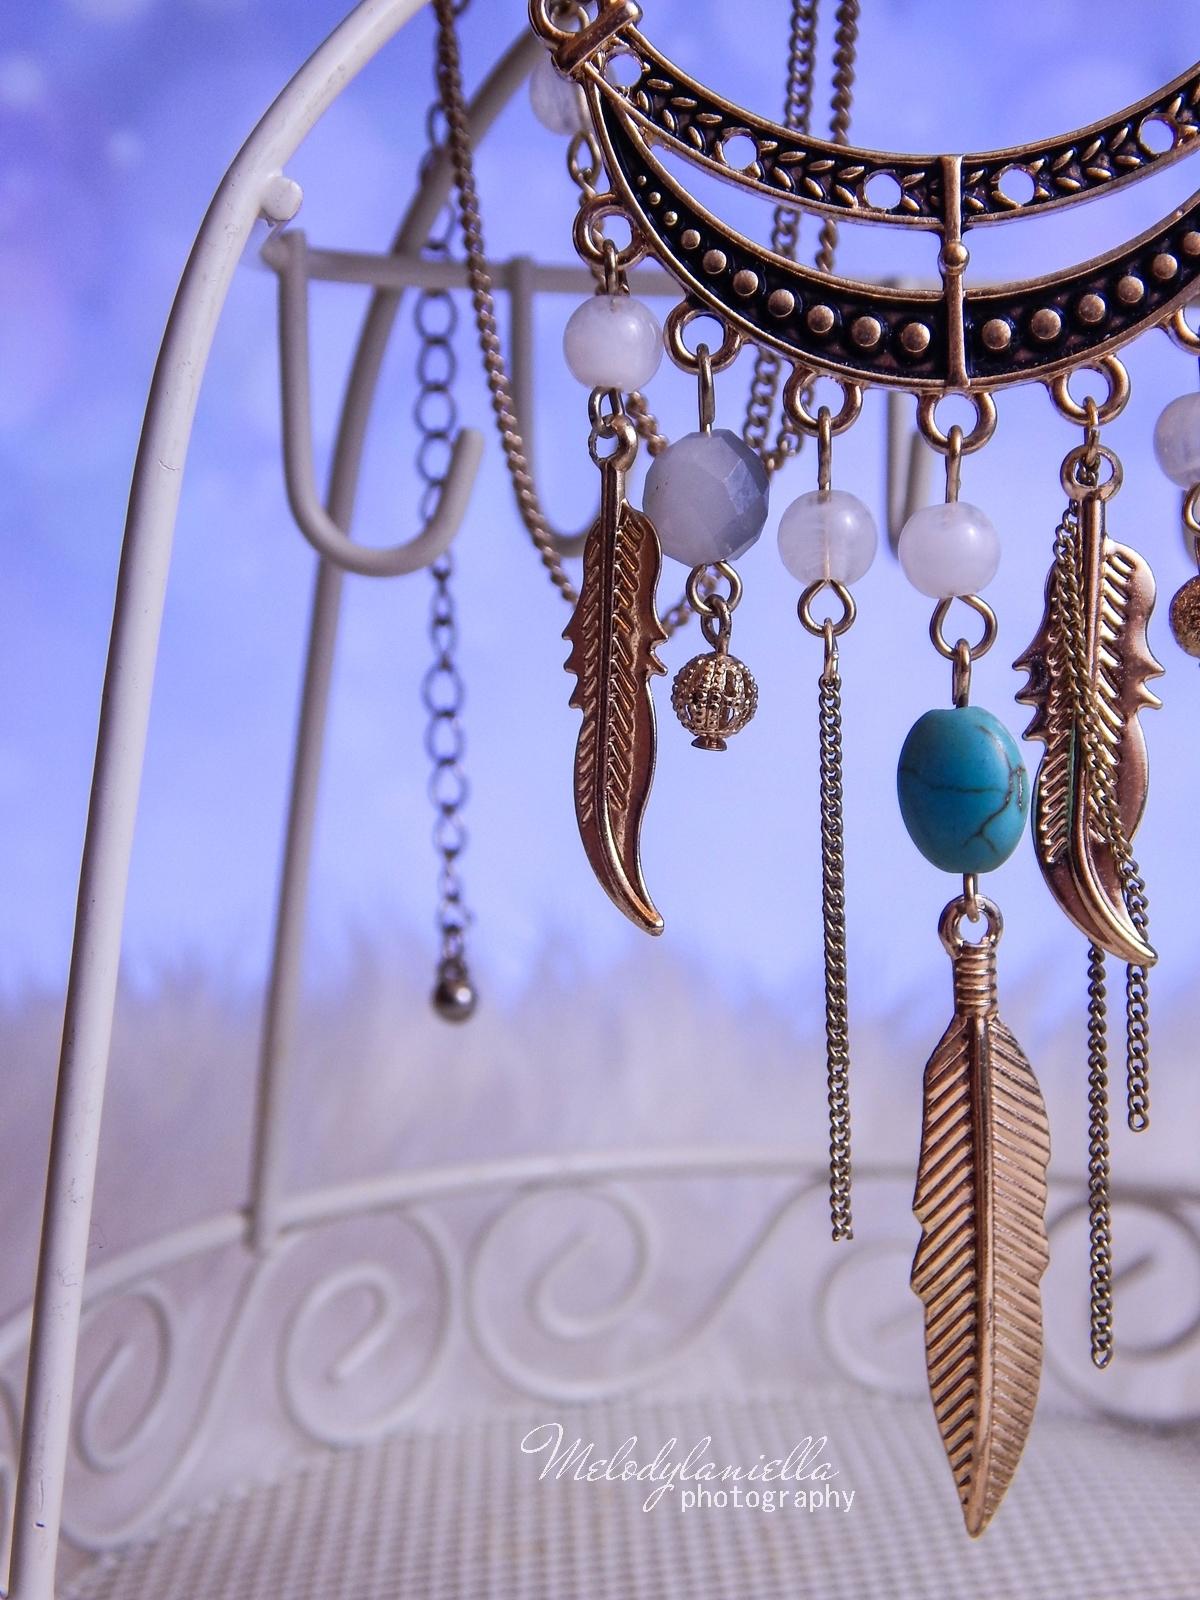 8 Biżuteria z chińskich sklepów sammydress kolczyk nausznica naszyjnik wisiorki z kryształkiem świąteczna biżuteria ciekawe dodatki stylowe zegarki pióra choker chokery złoty srebrny złoto srebro obelisk